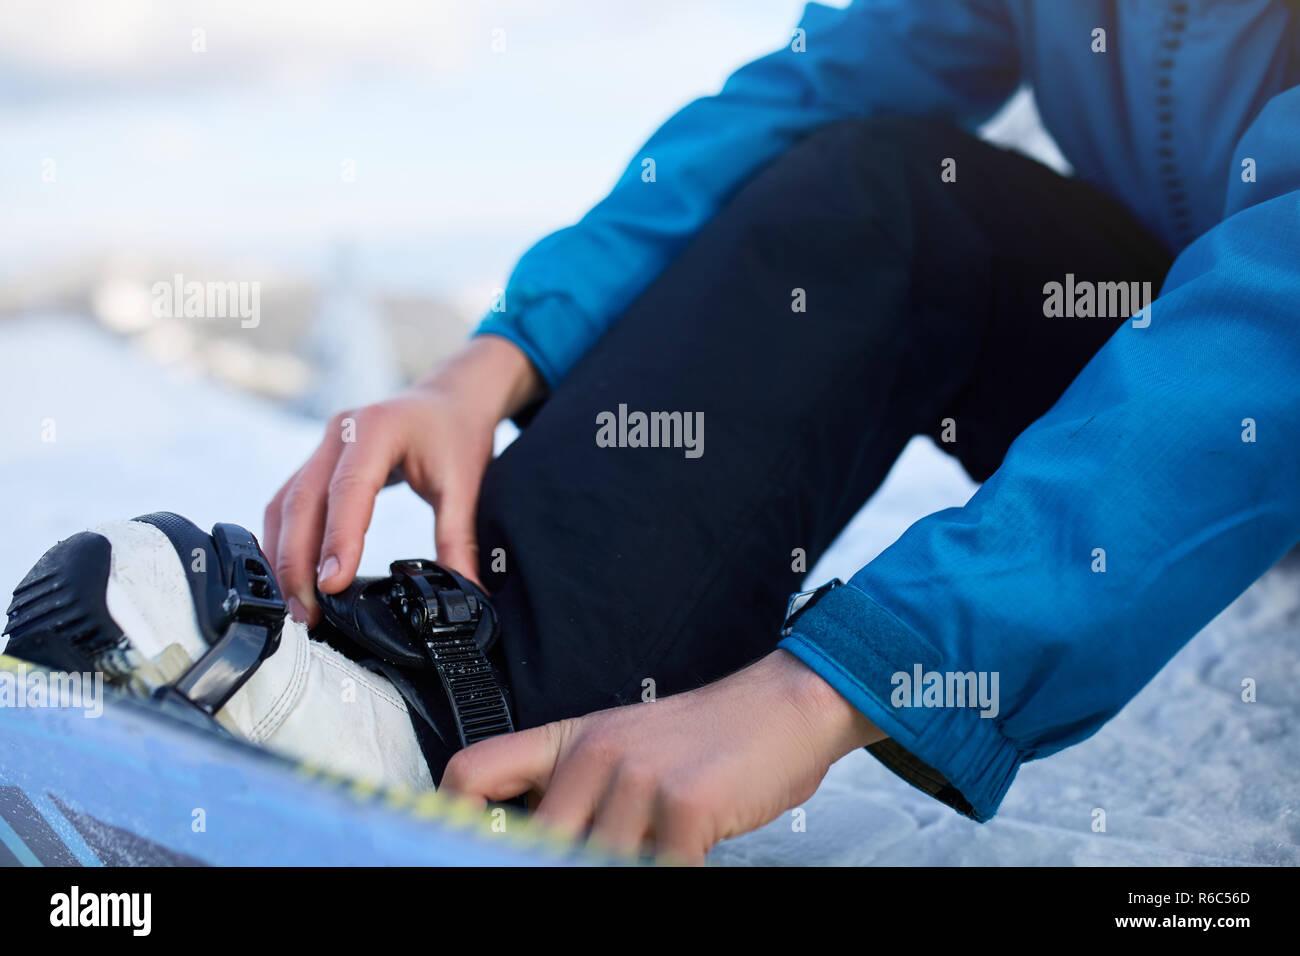 Snowboarder Bänder in seine Beine in Snowboardschuhe in modernen fast flow Bindungen mit Gurten. Reiter am Ski Resort bereitet sich für Freeride Session und. Mann, der modische Outfit. Füße close-up. Stockbild